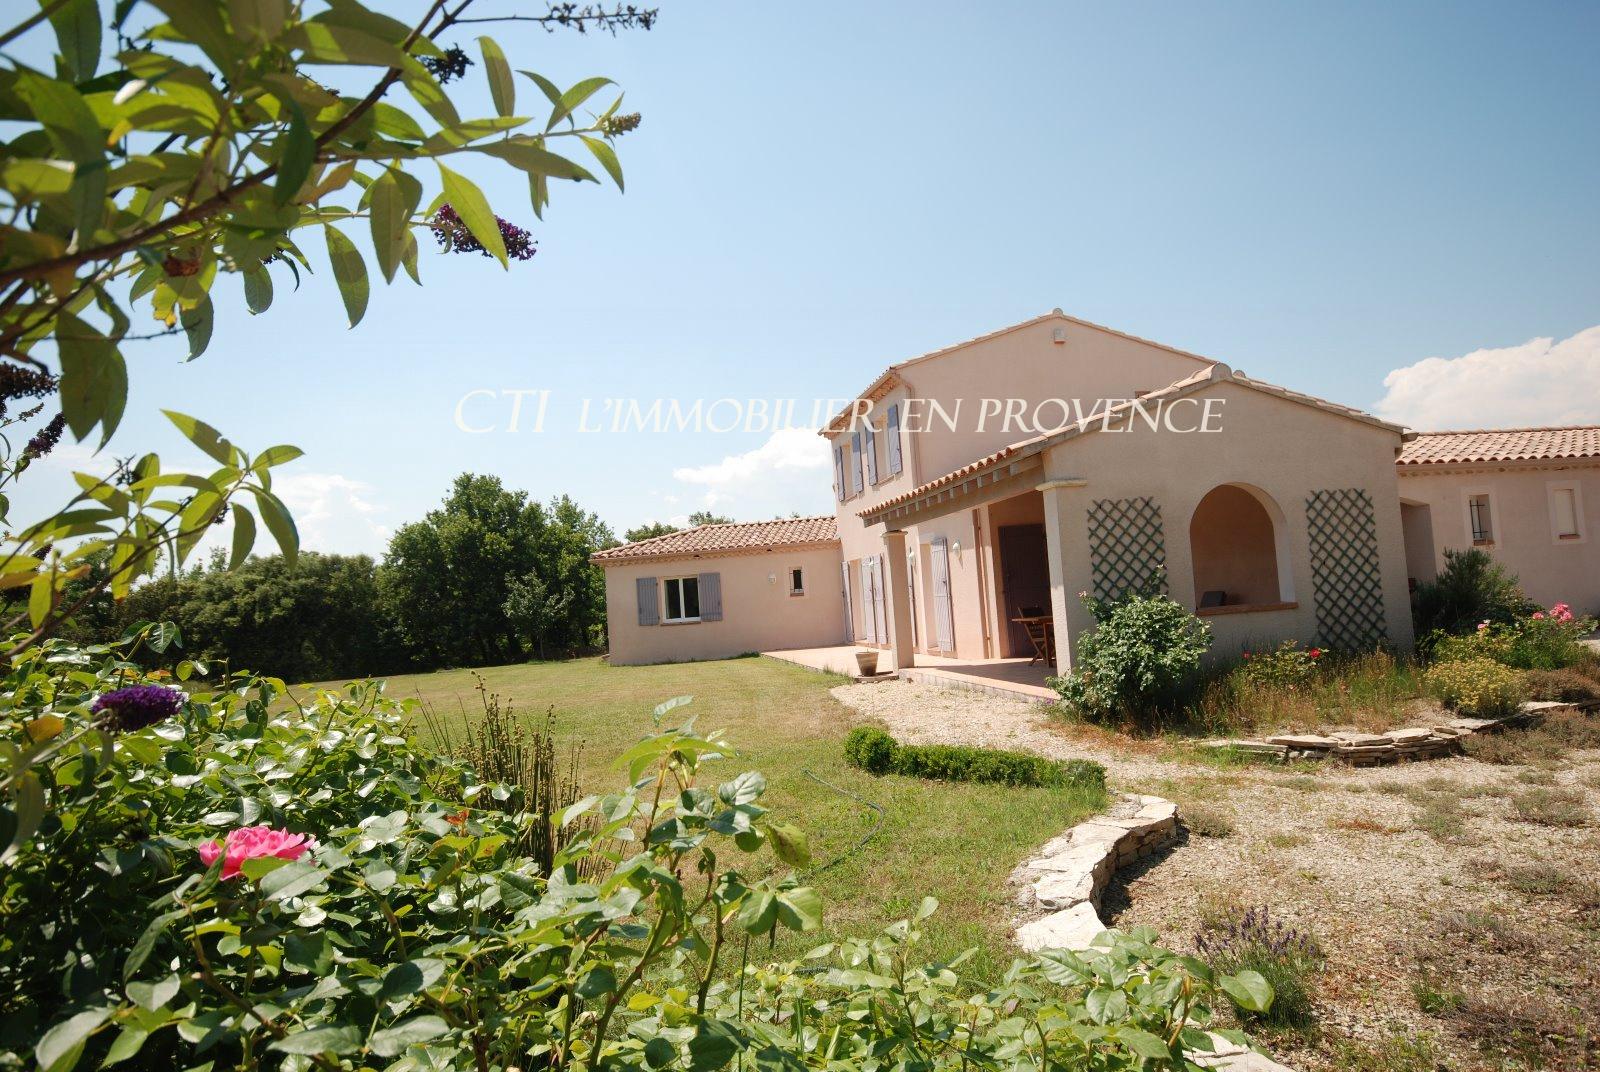 0 www.cti-provence.net, vente villa prestations de qualité, grand terrain avec piscine nature